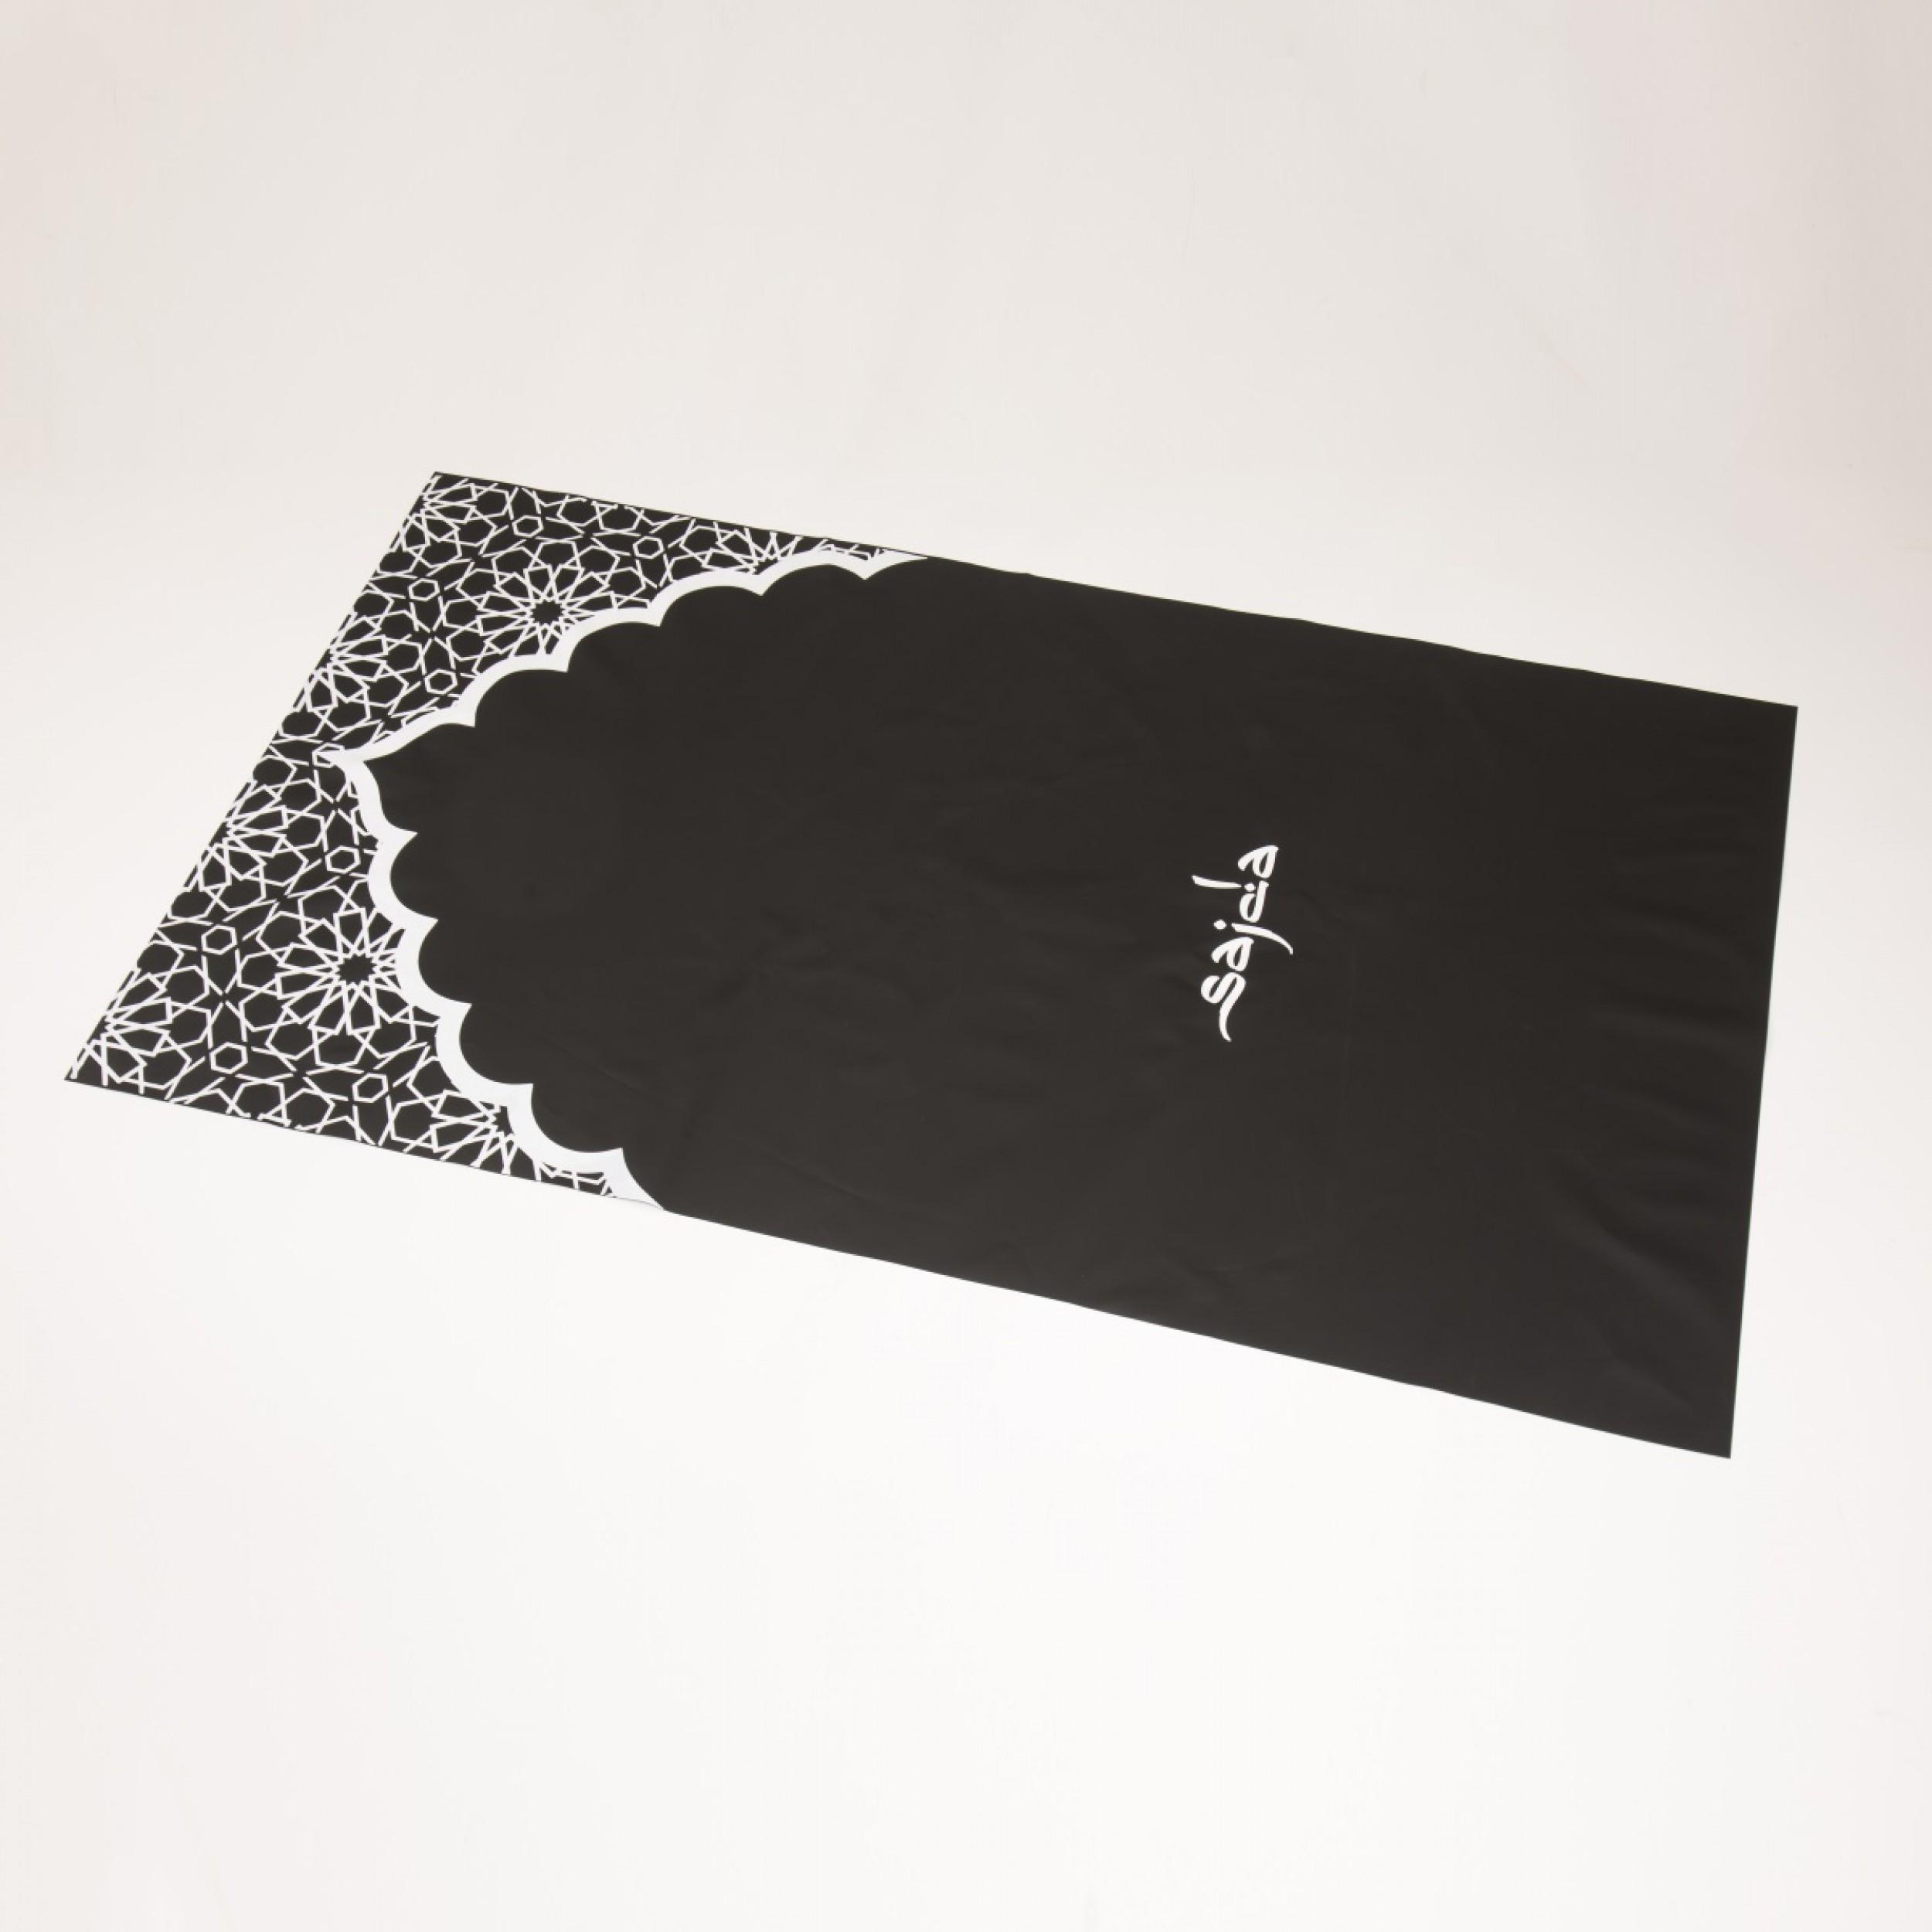 Ультракомпактный карманный непромокаемый коврик для молитвы (размер 112x63)